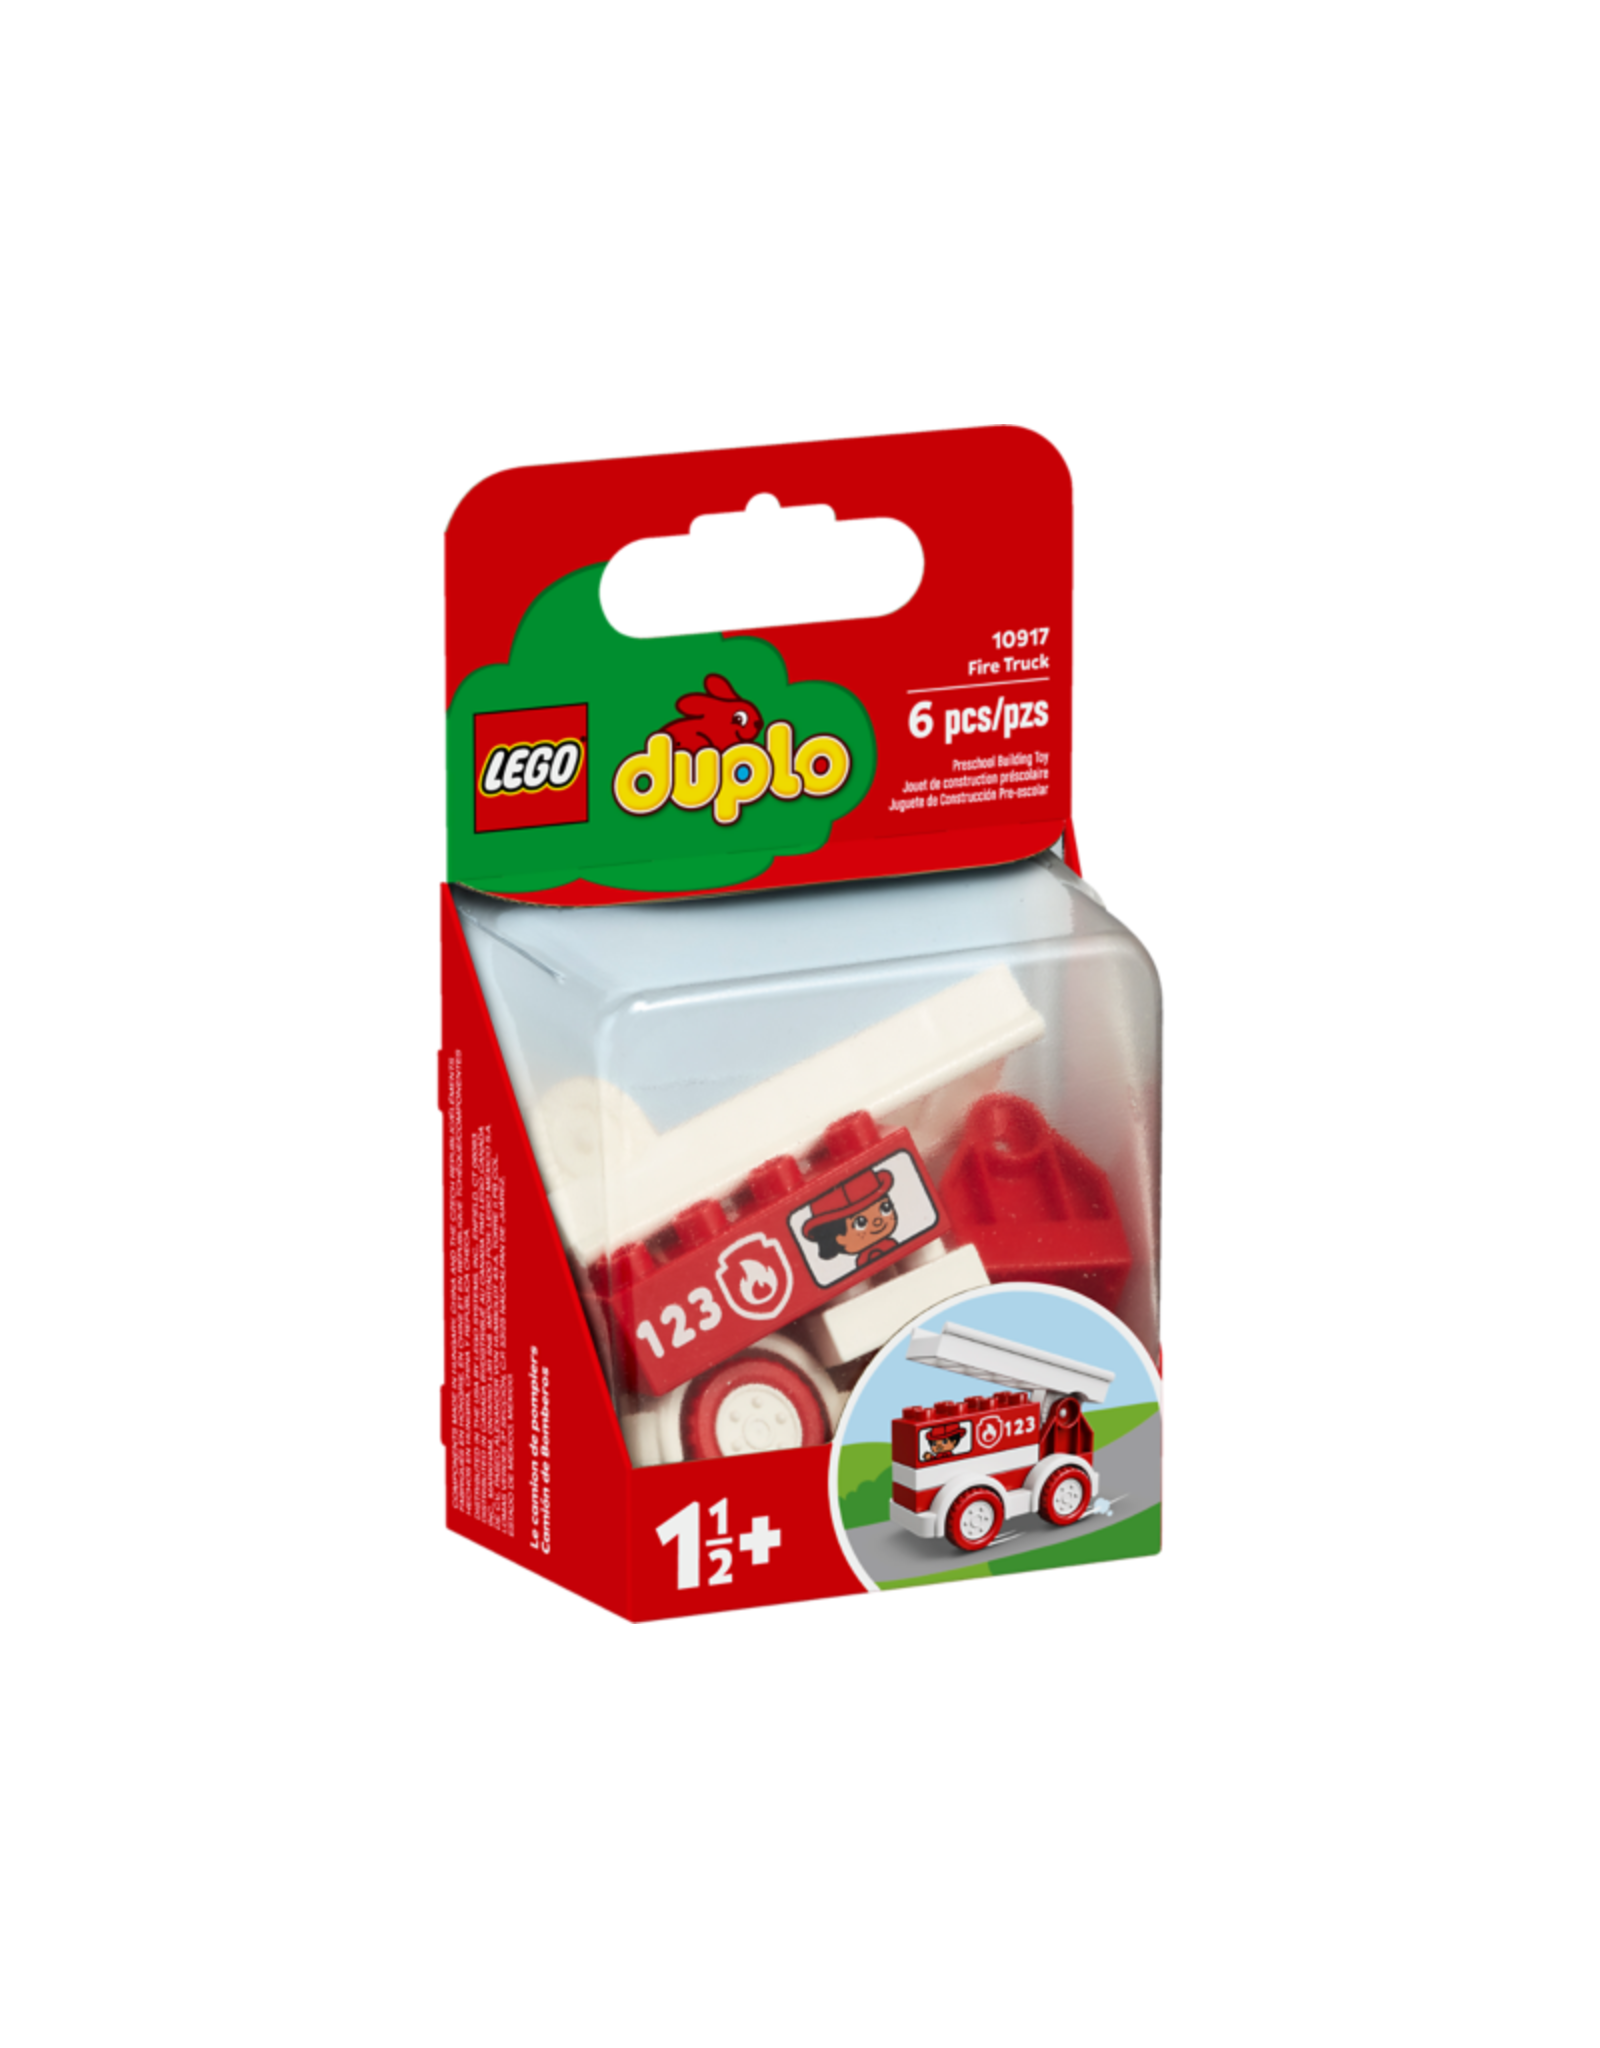 LEGO LEGO Duplo, Fire Truck